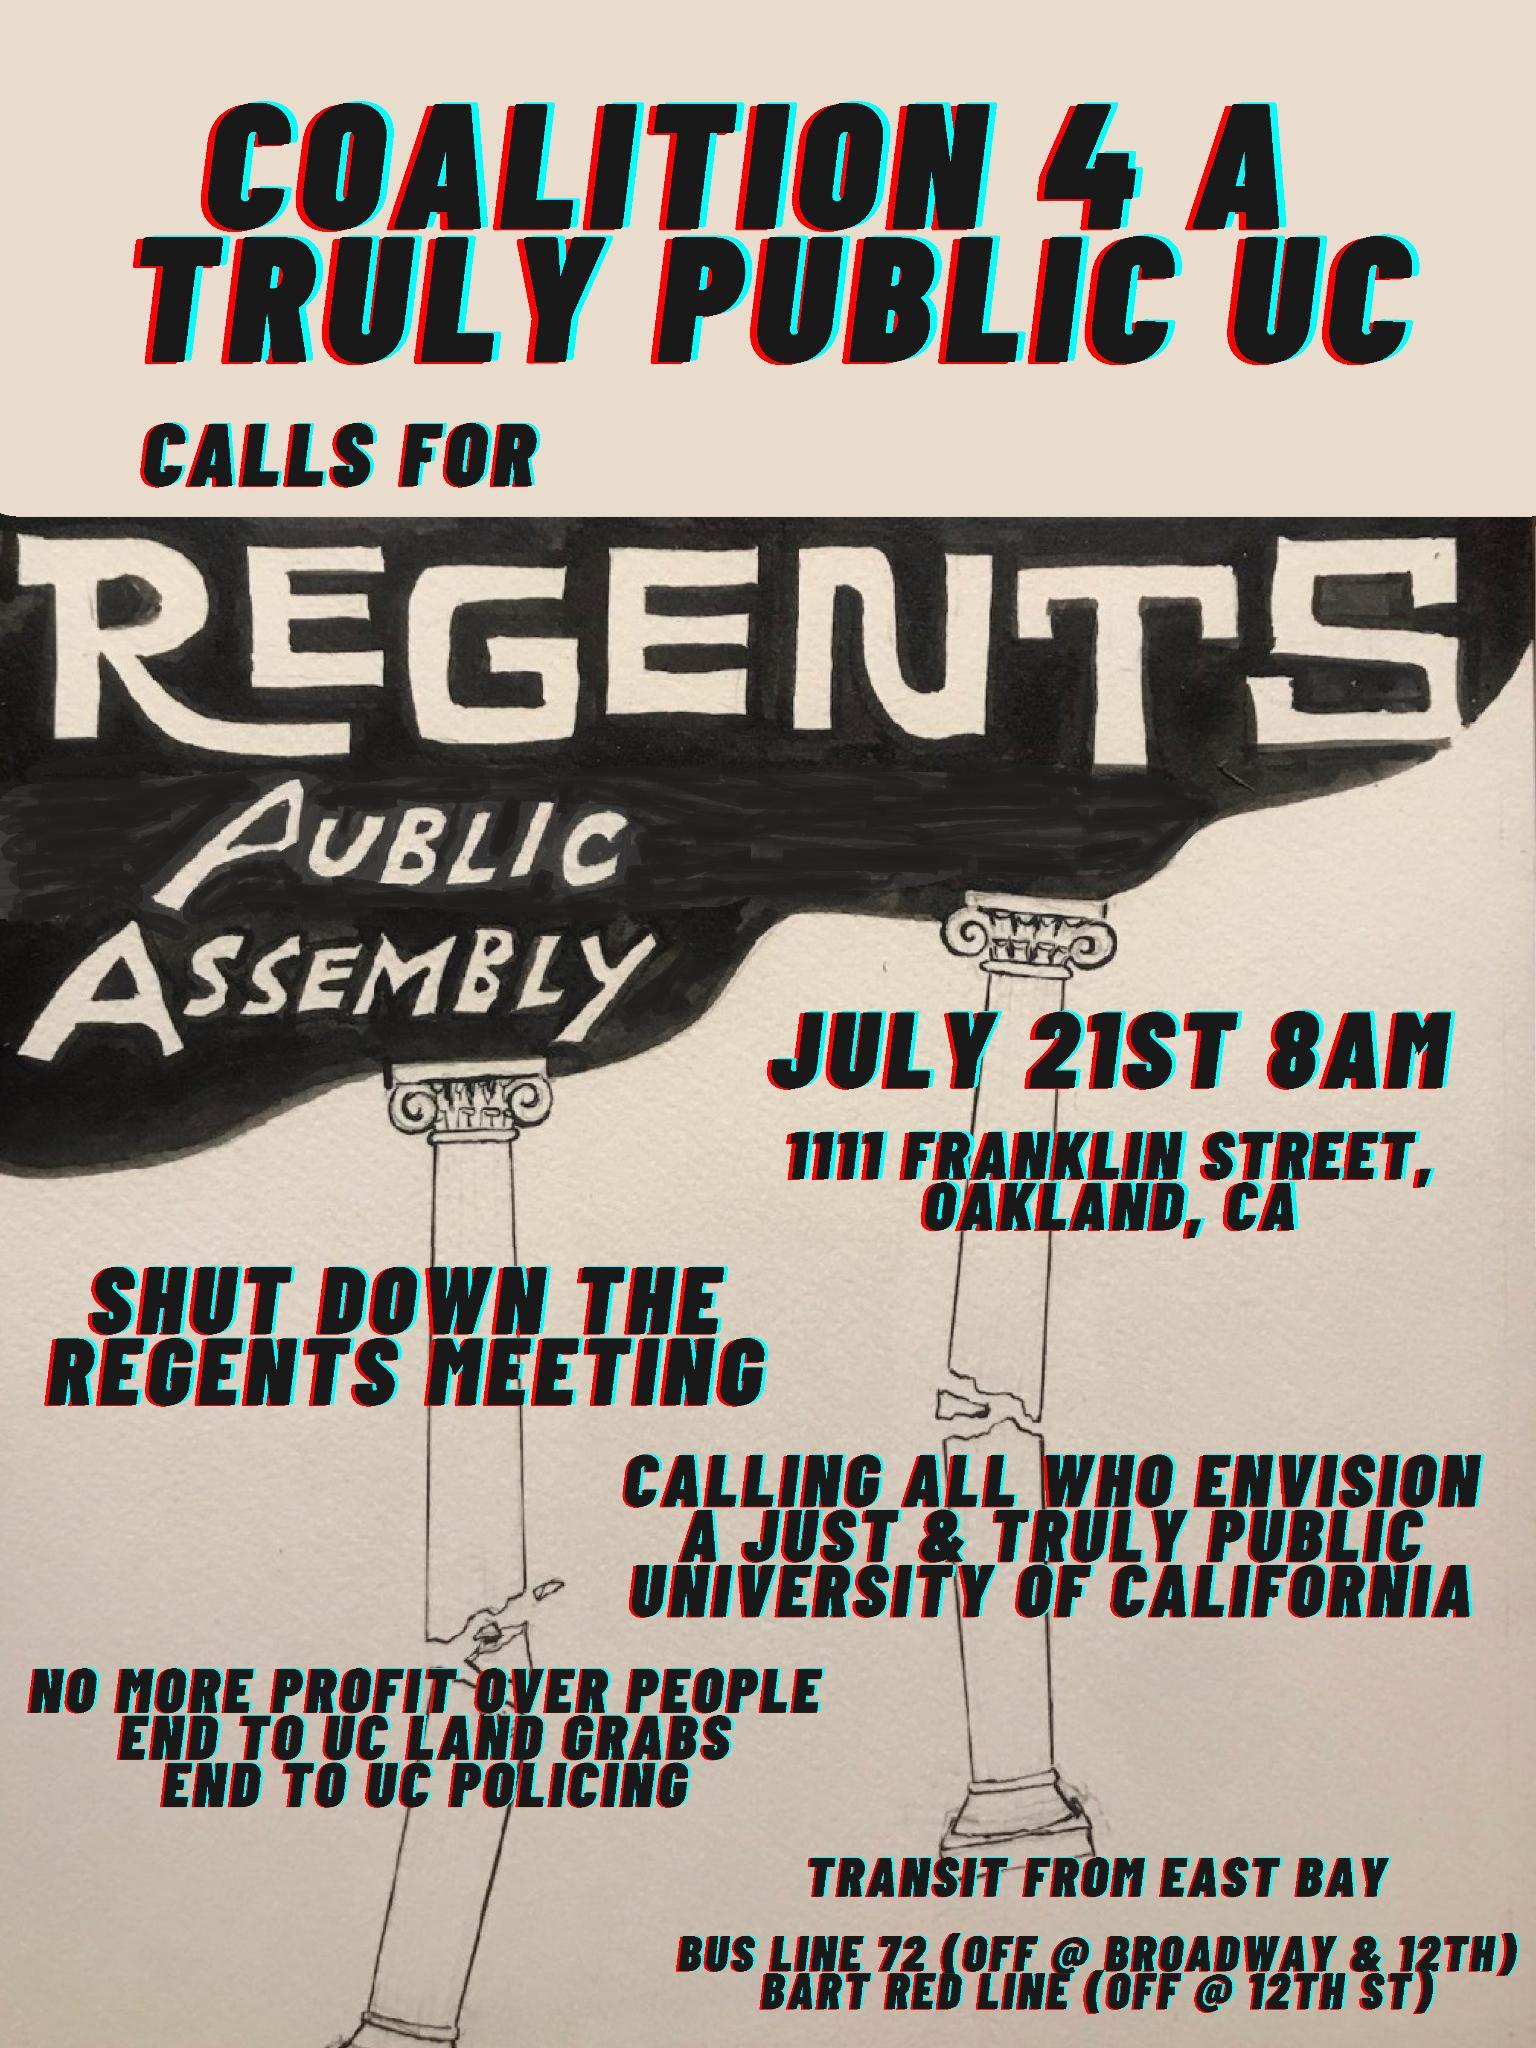 UC Regents Public Assembly